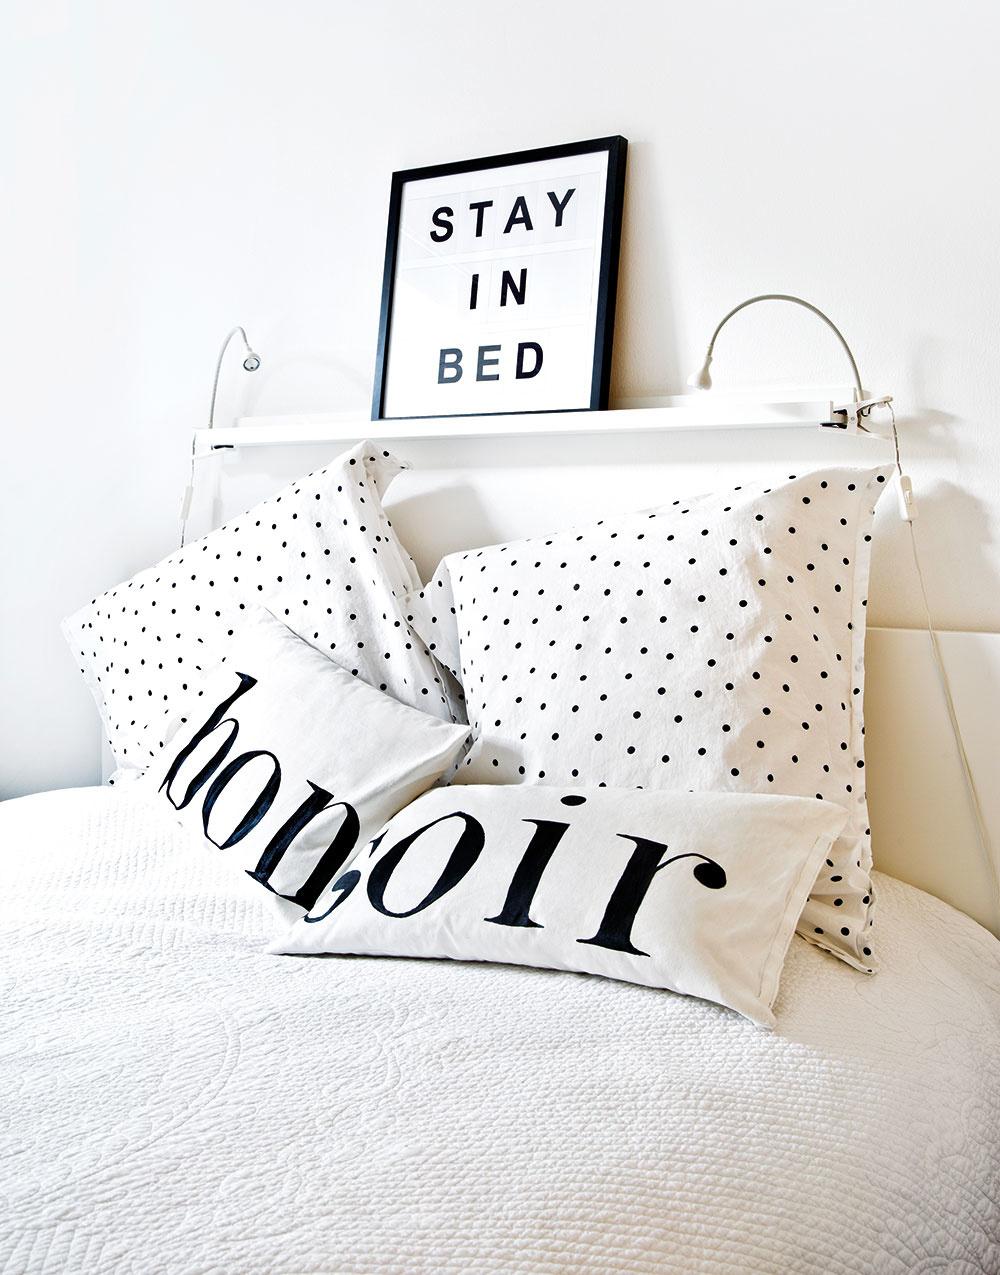 ČIERNO-BIELA KOMBINÁCIA vládne aj v spálni. Obliečky s drobnými bodkami ladia s tapetou v detskej izbe. Nápis nad posteľou jasne vraví, čo sa obyvateľom bytu najviac pozdáva.